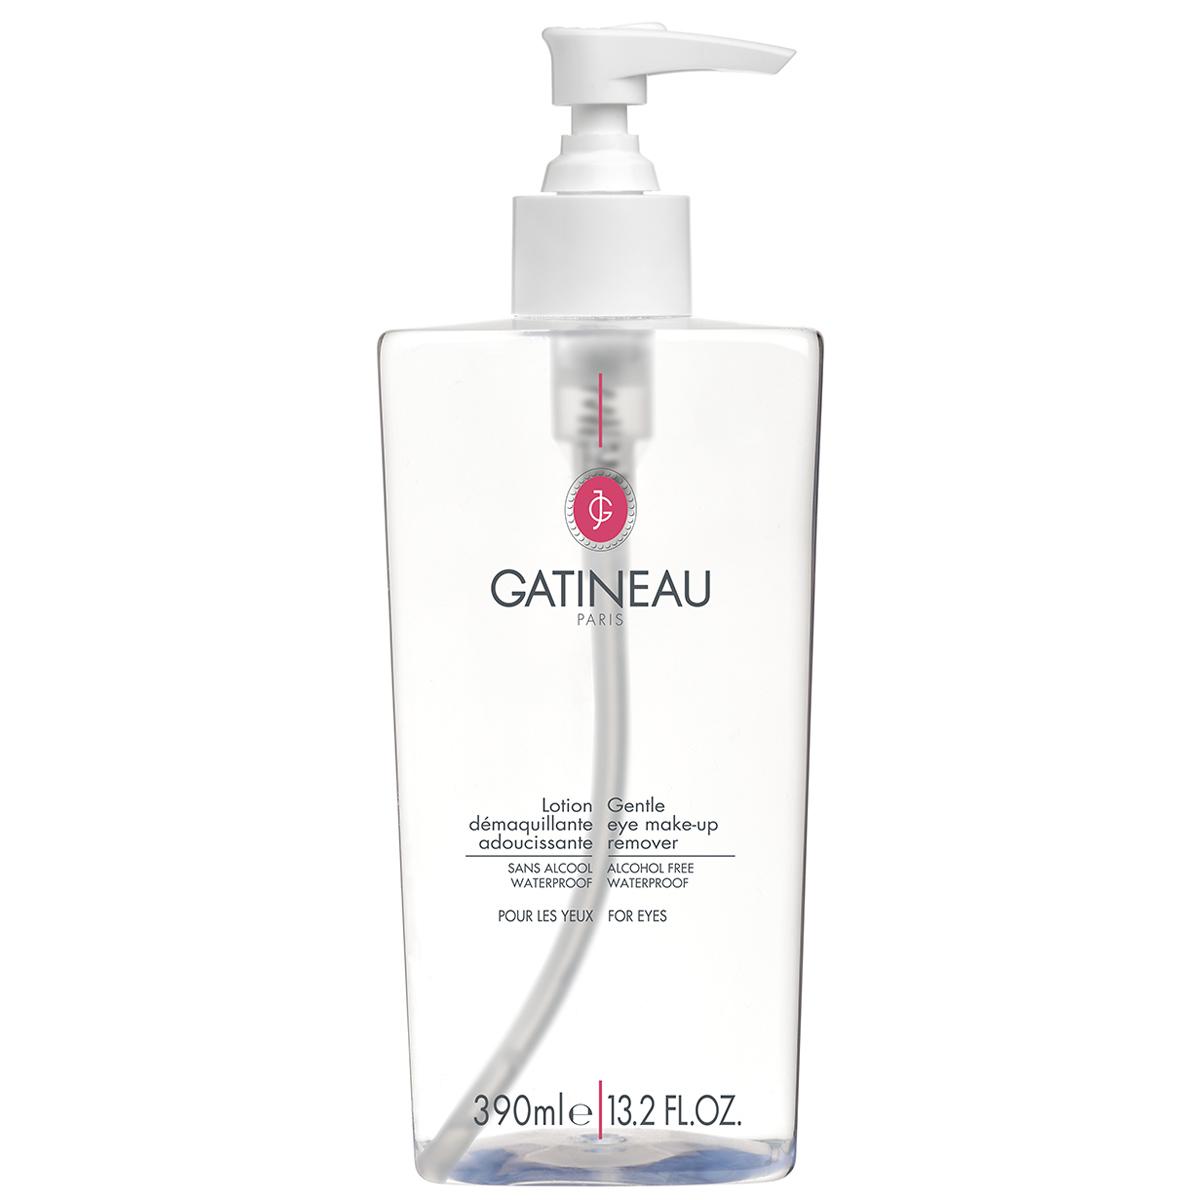 Gatineau - Lotion démaquillante adoucissante - 390 ml